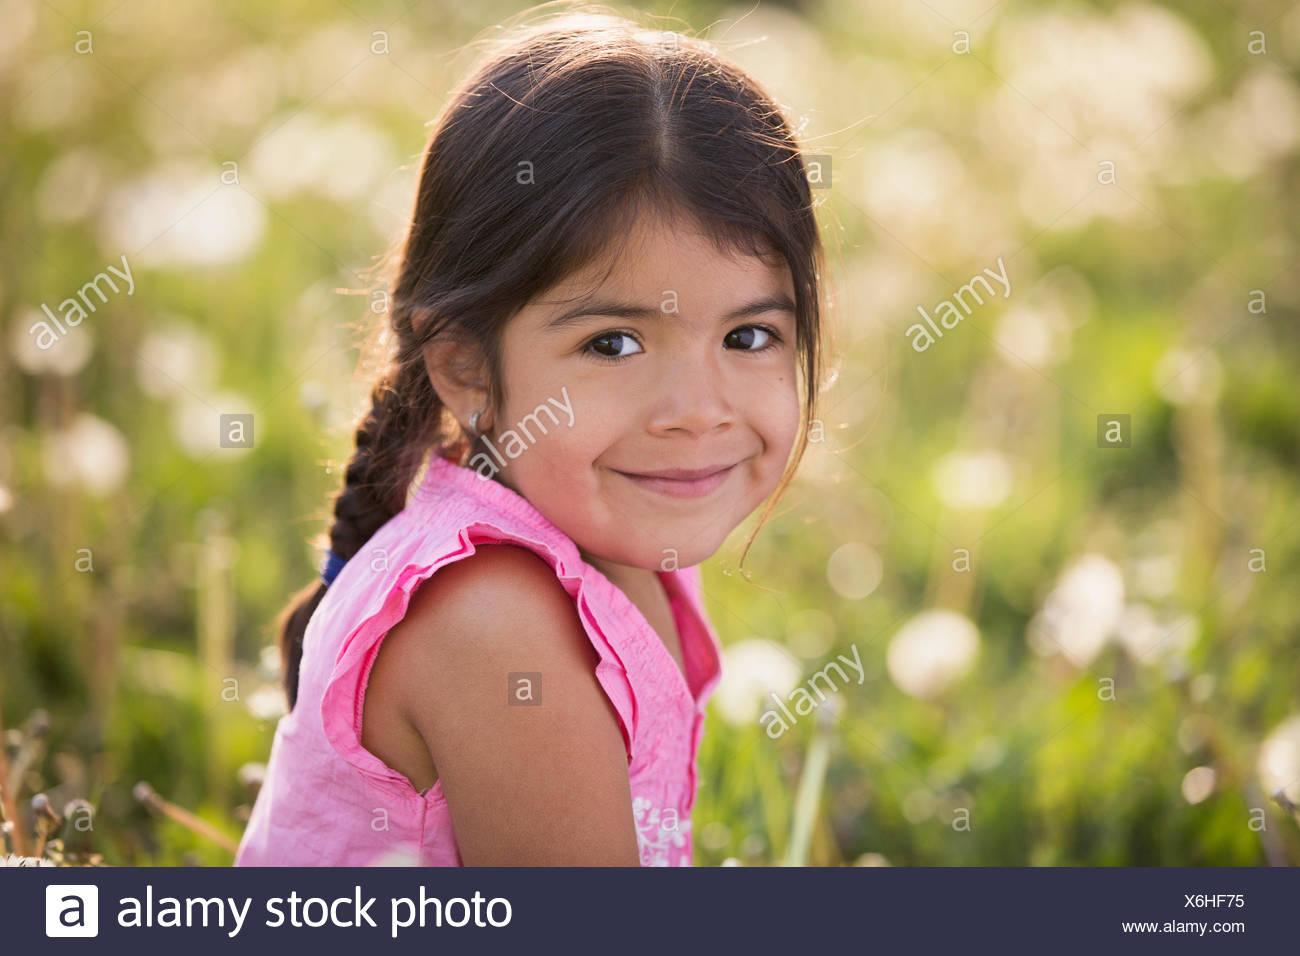 Braune haare mädchen Hübsche Mädchen